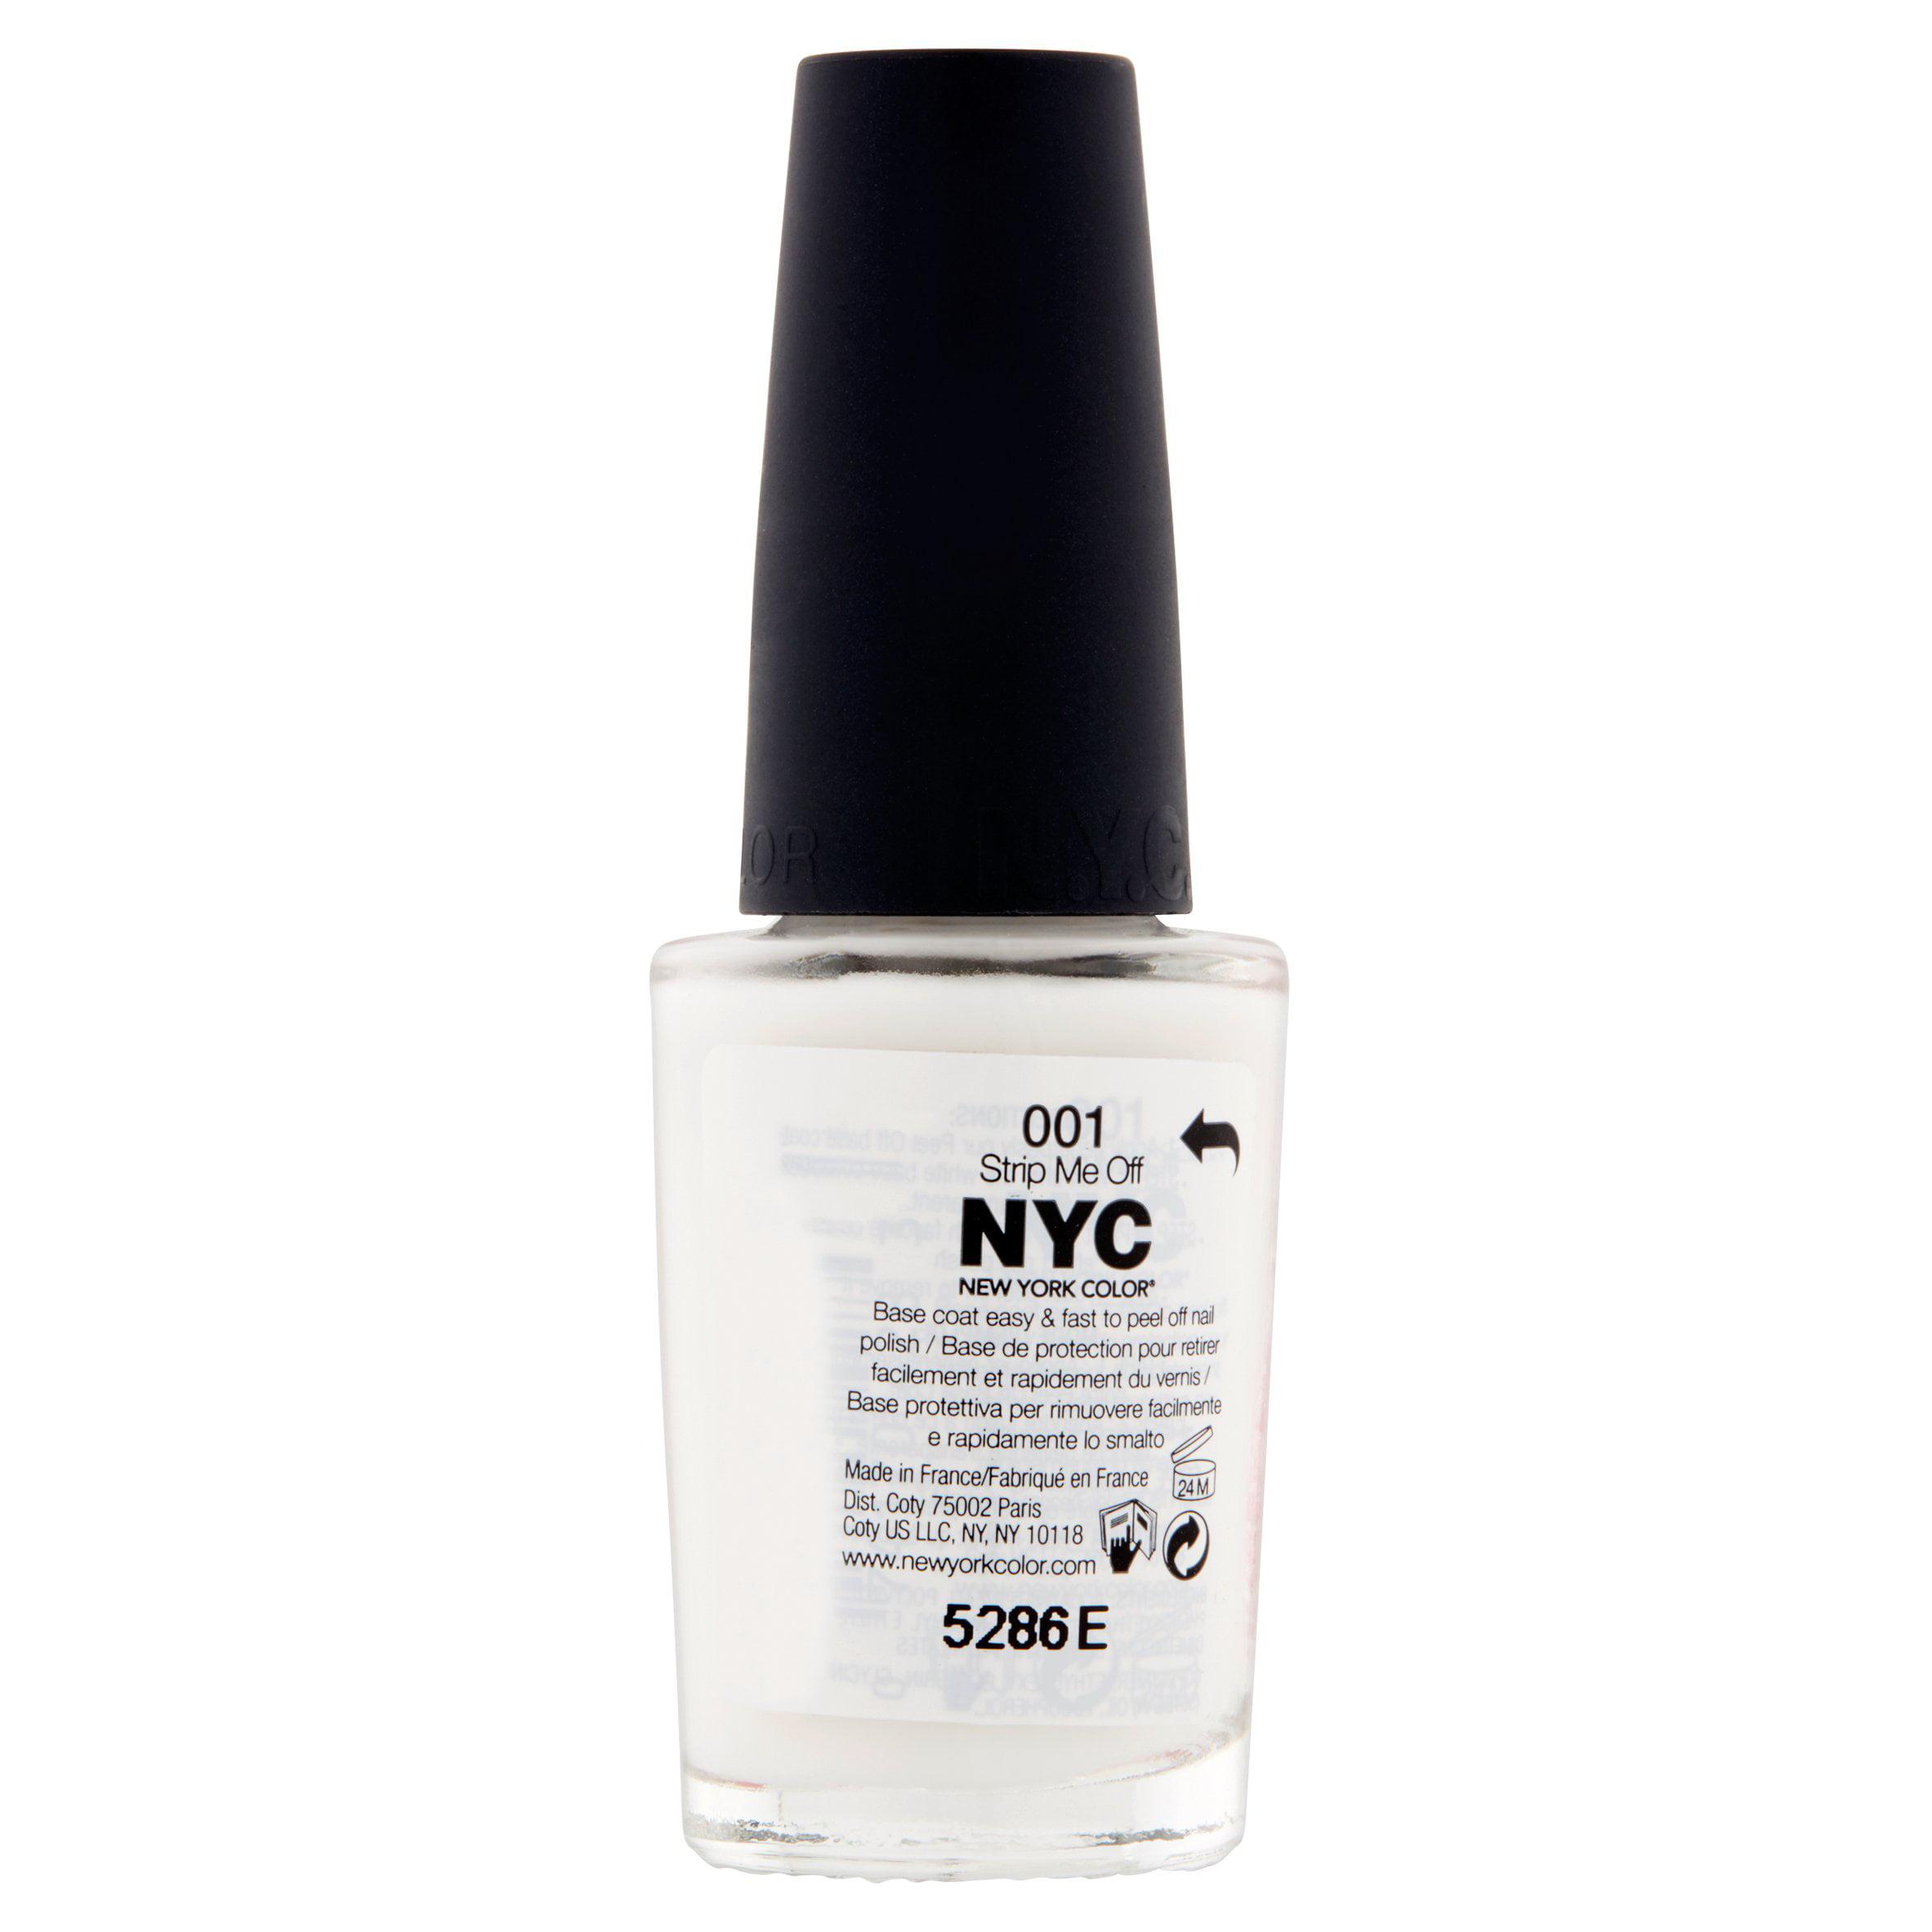 NYC New York Color Strip Me Off Base Coat, 0.33 fl oz - Walmart.com